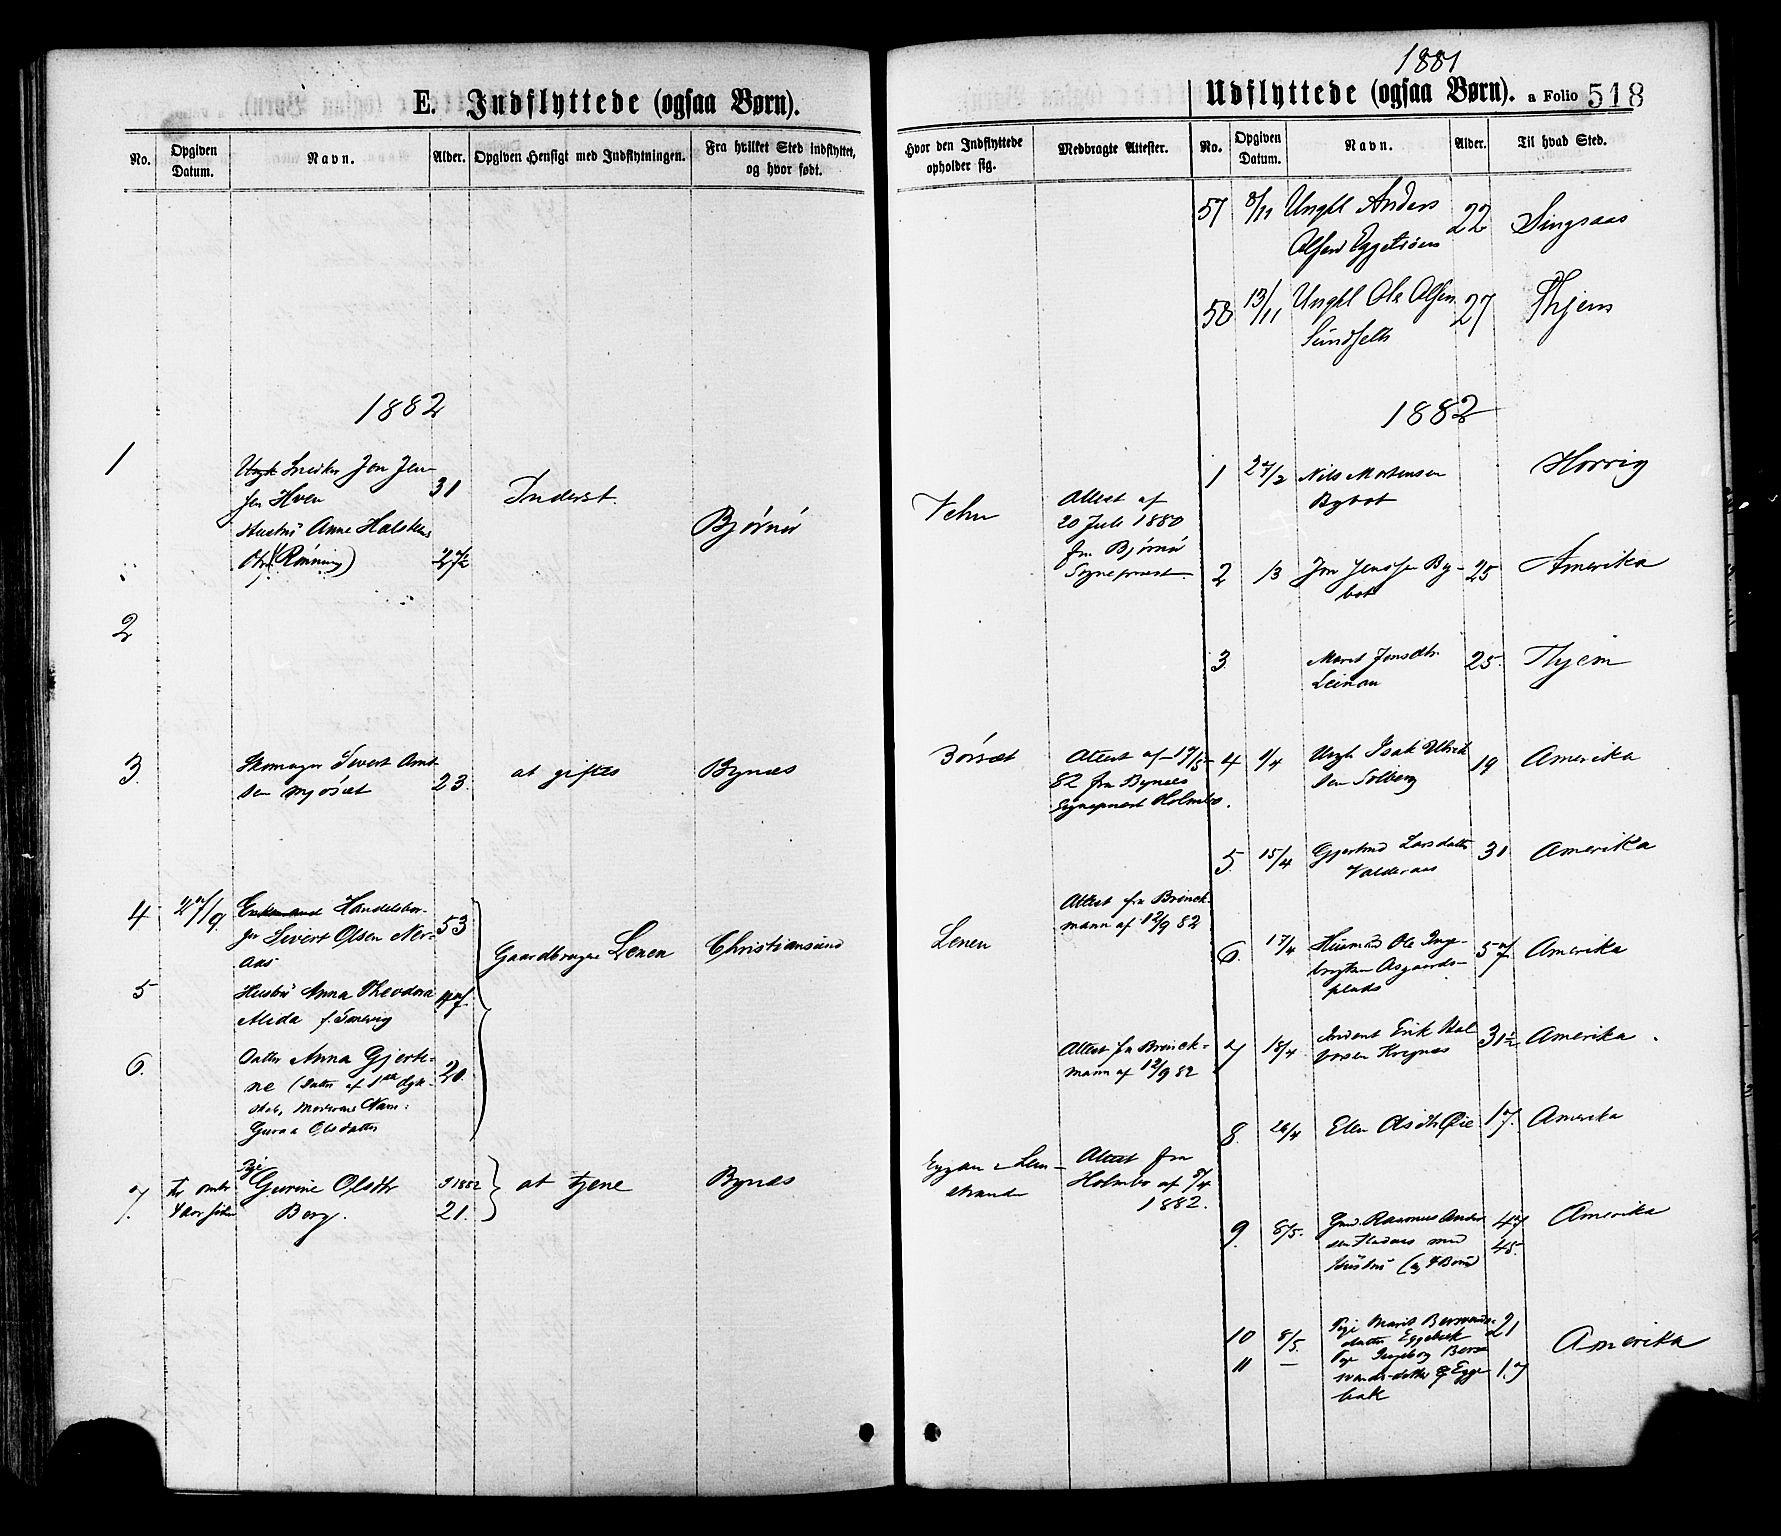 SAT, Ministerialprotokoller, klokkerbøker og fødselsregistre - Sør-Trøndelag, 691/L1079: Ministerialbok nr. 691A11, 1873-1886, s. 518